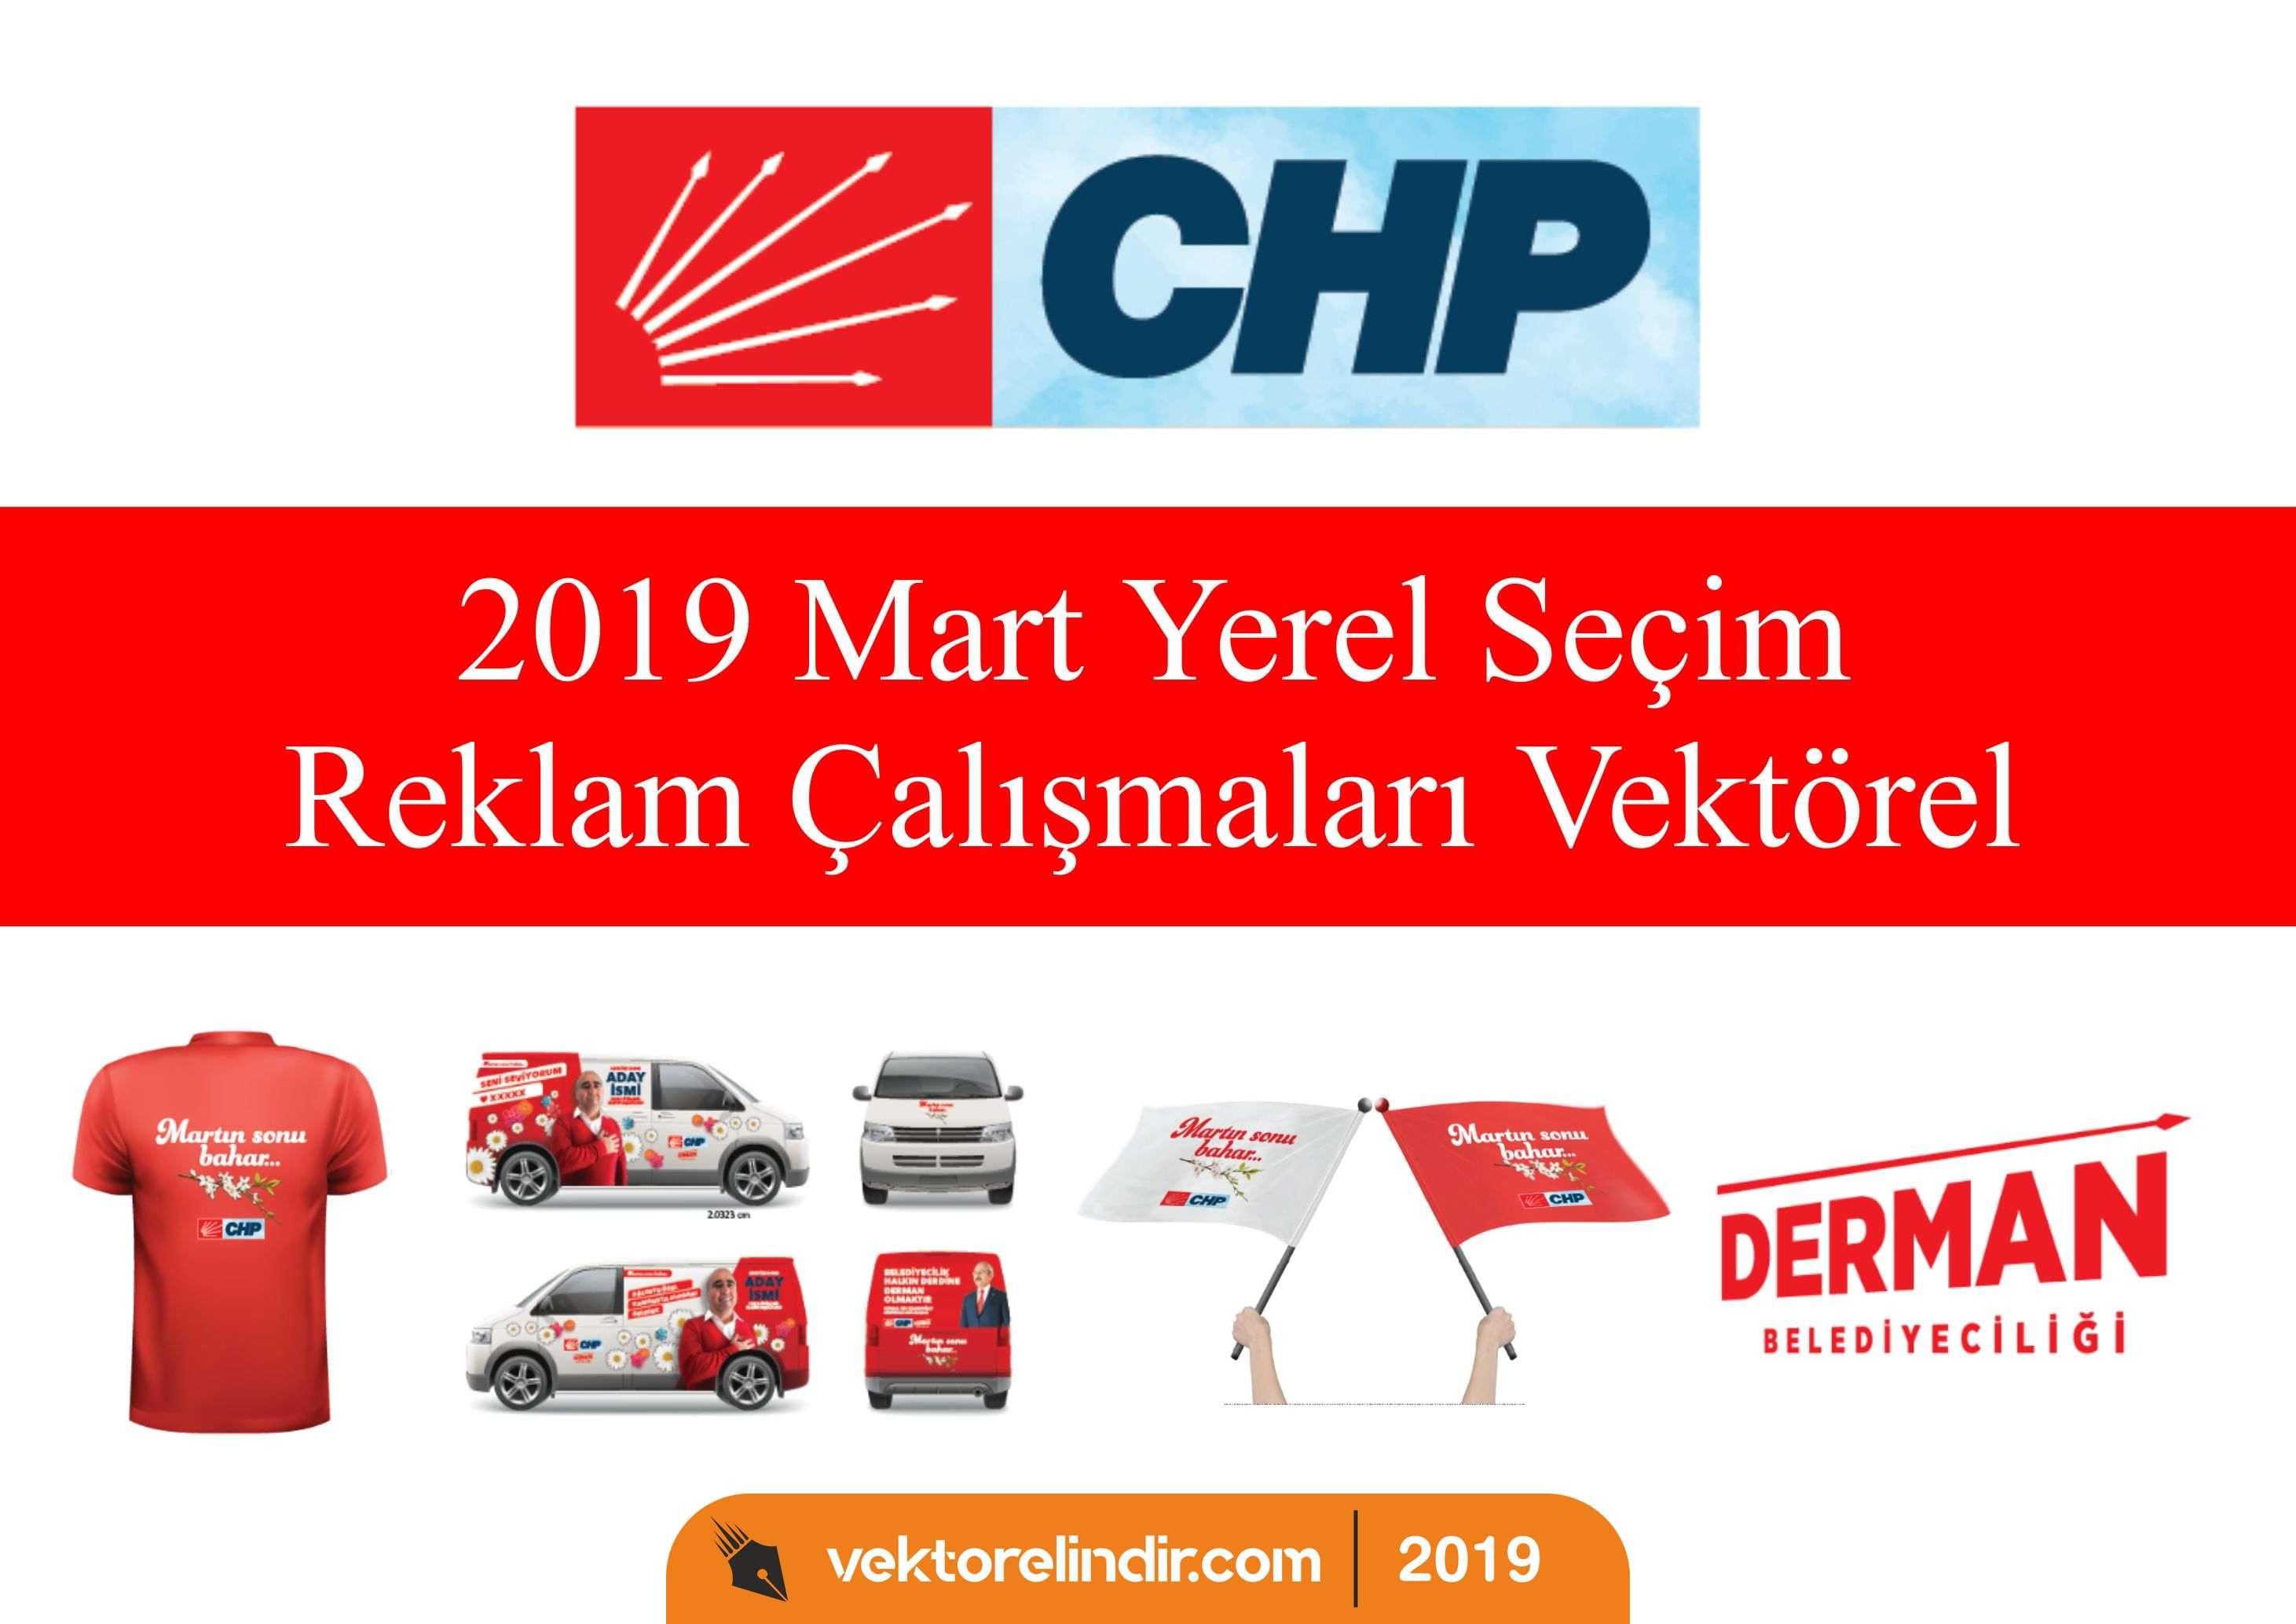 2019 Mart Yerel Seçim Reklam Çalışmaları Vektörel Çizimleri